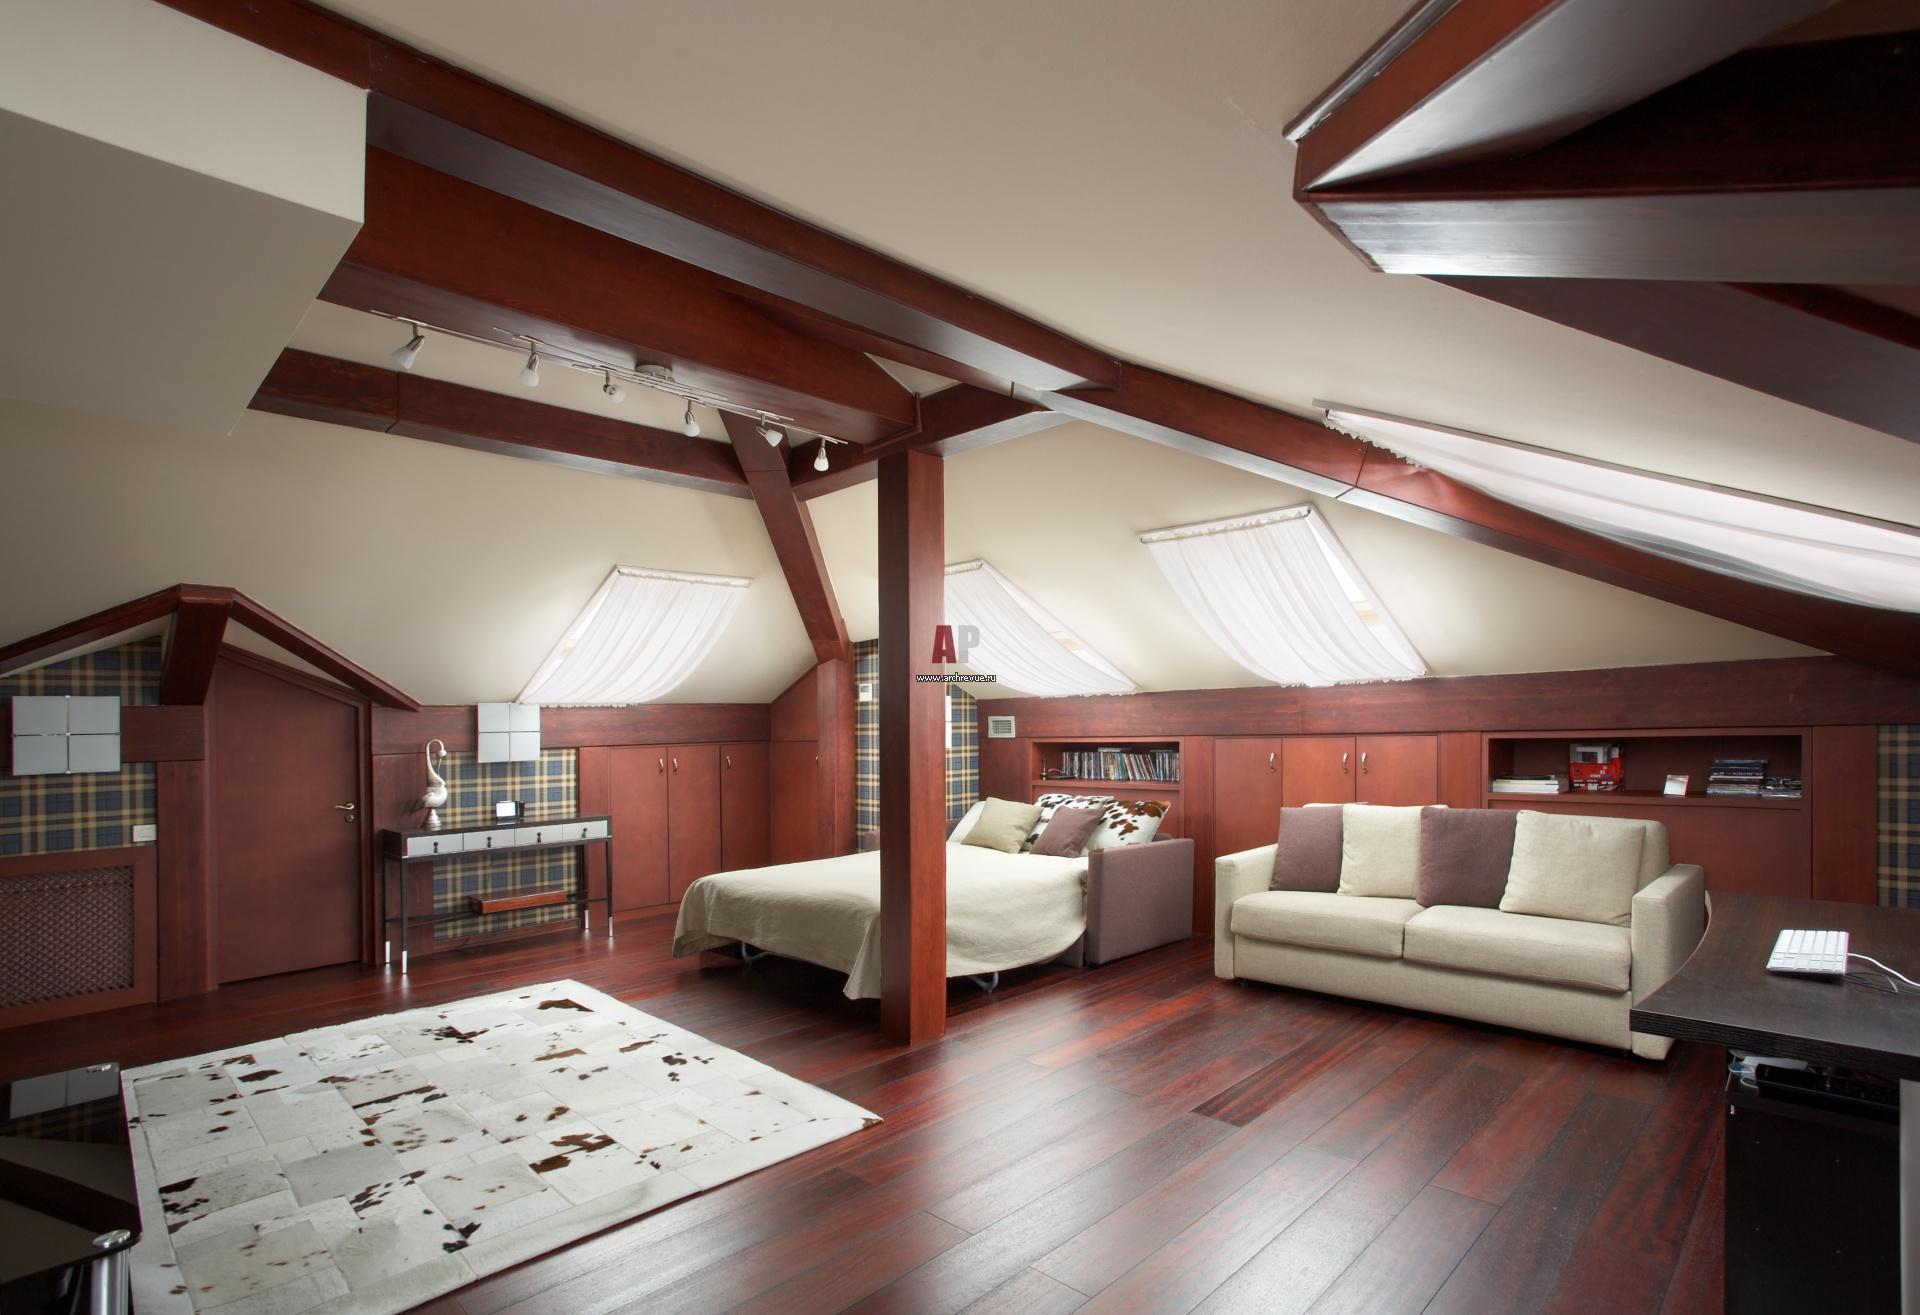 тюрем крыши домов варианты фото для второго этажа для декора